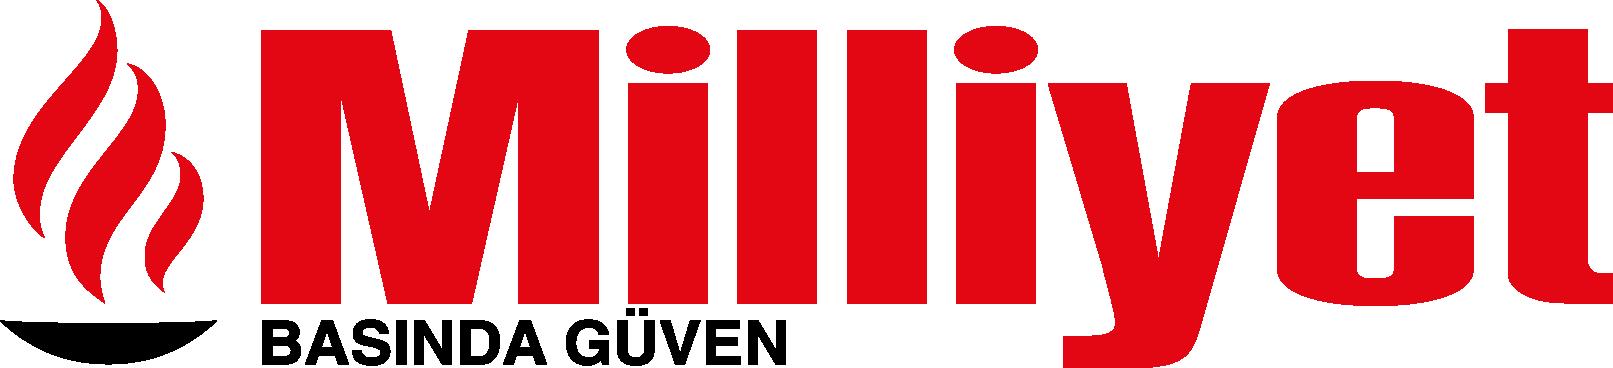 Milliyet Gazetesi Logo png